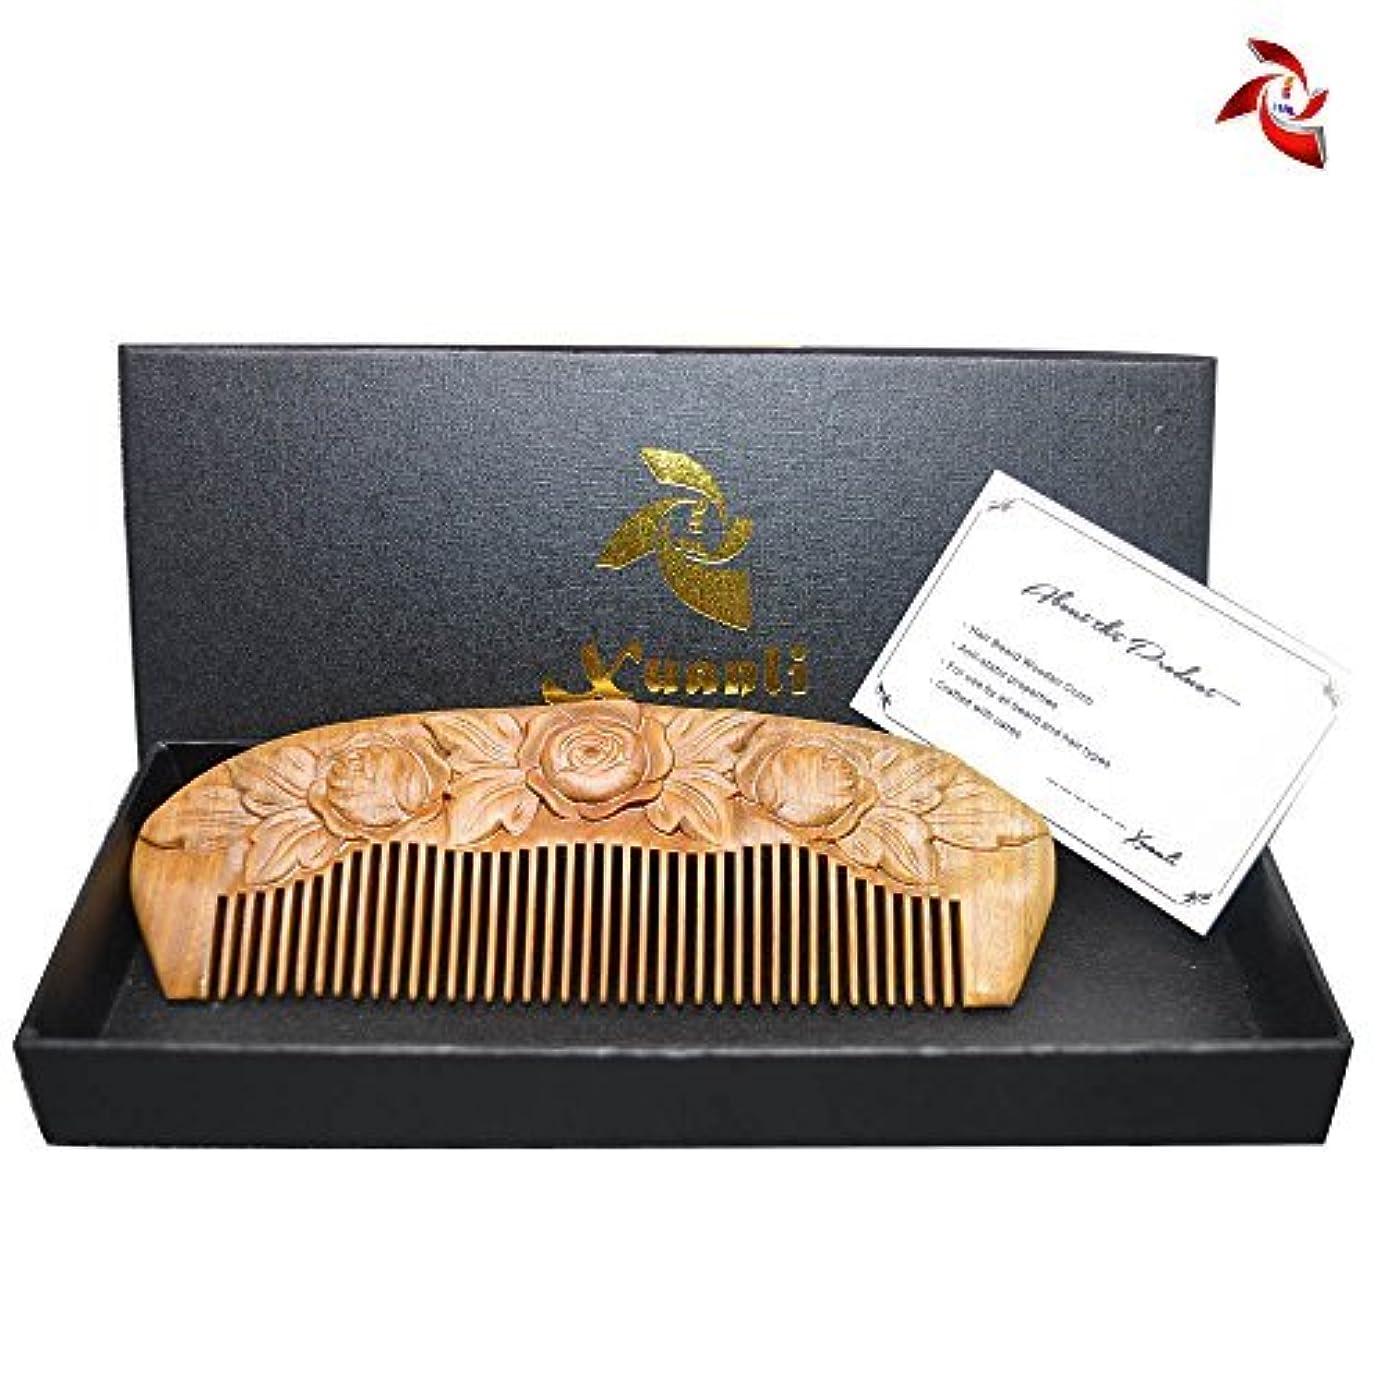 そのような要求する乳剤Xuanli Wood Combs Carving roses design Natural Green Sandalwood Combs Top Quality Handmade Combs For Hair No Static...